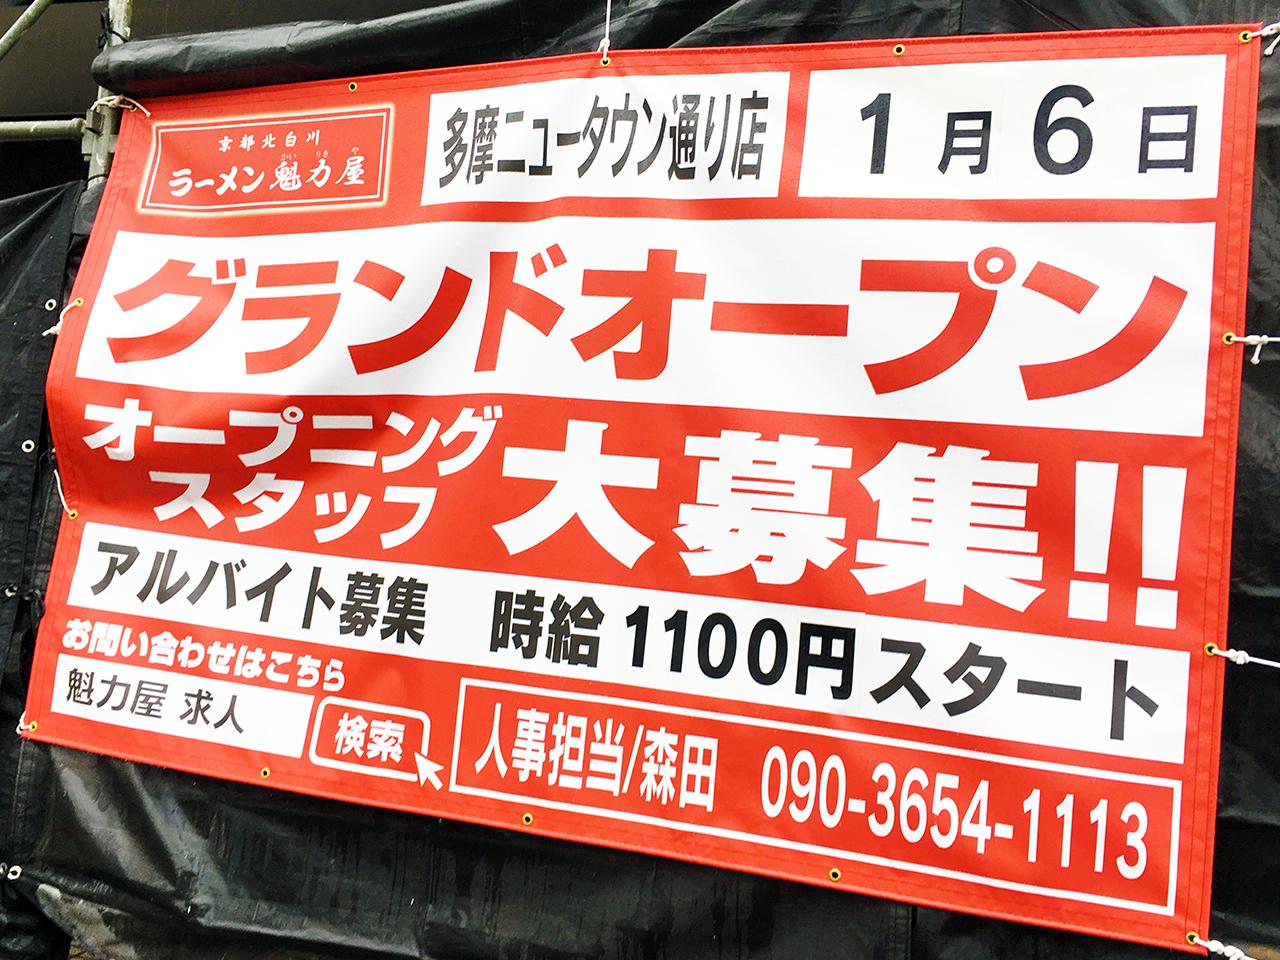 京都北白川 ラーメン魁力屋 多摩ニュータウン通り店